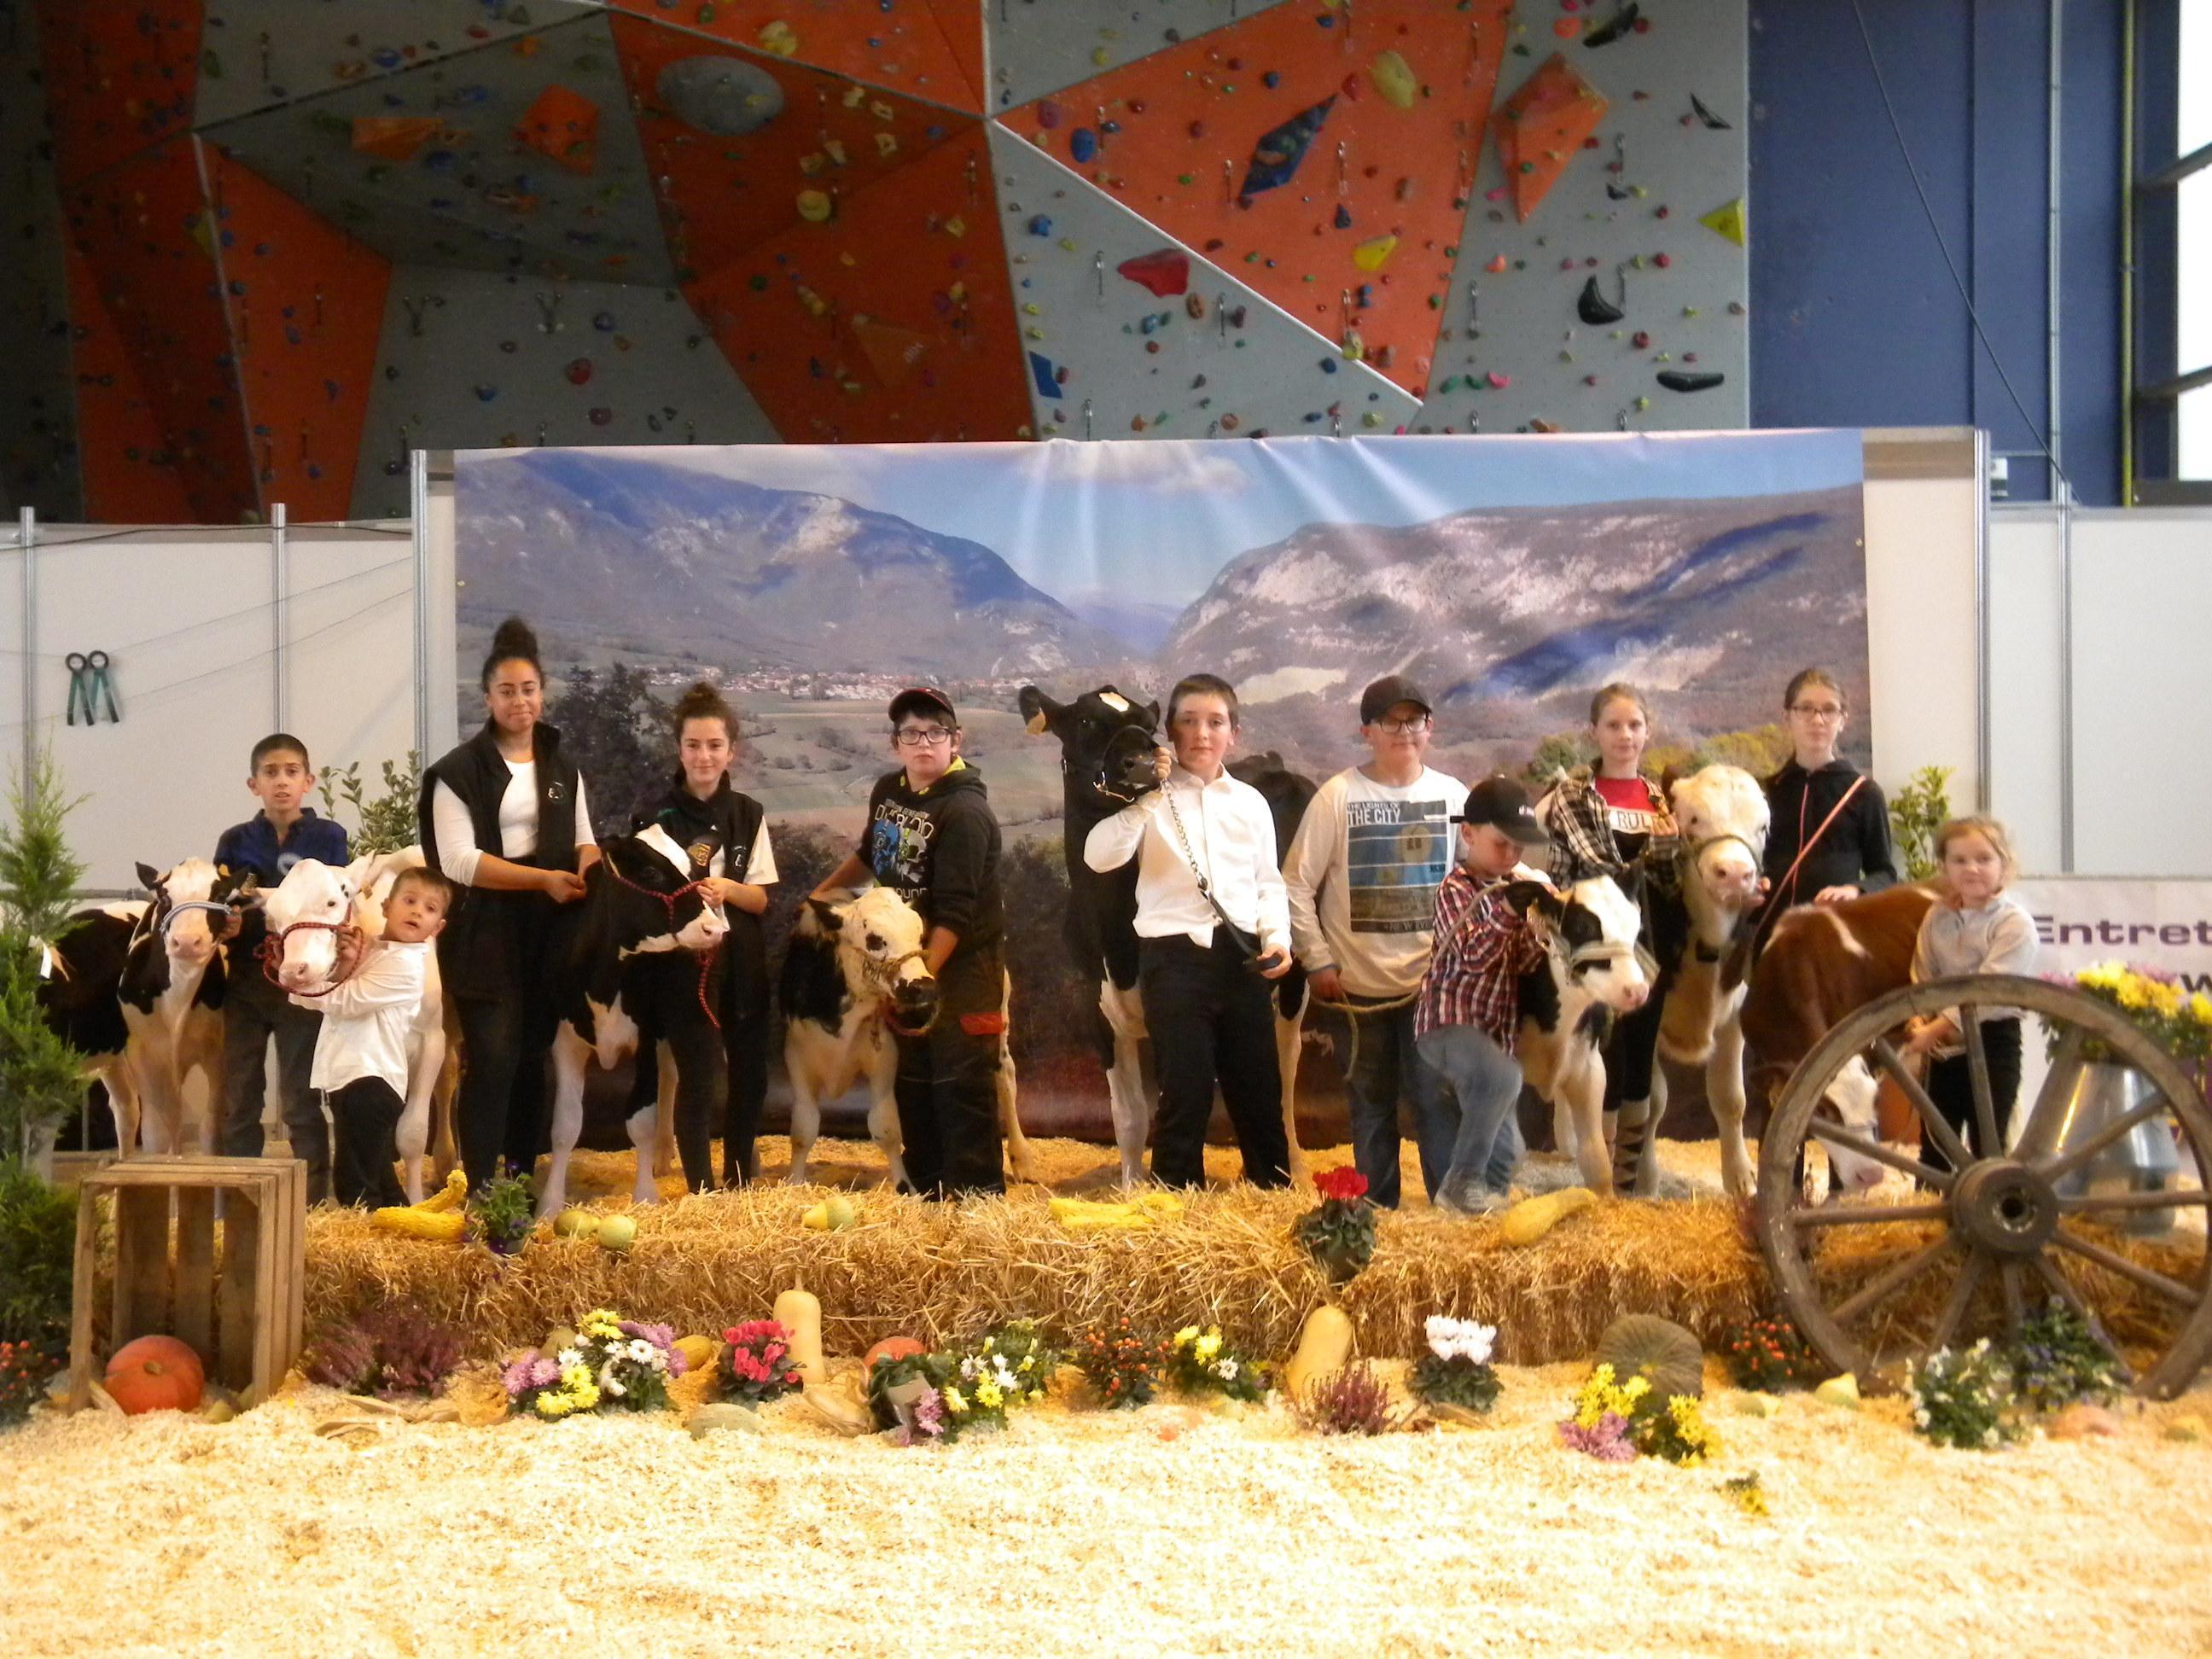 Les agriculteurs en herbes présentent leur veau ou génisse.